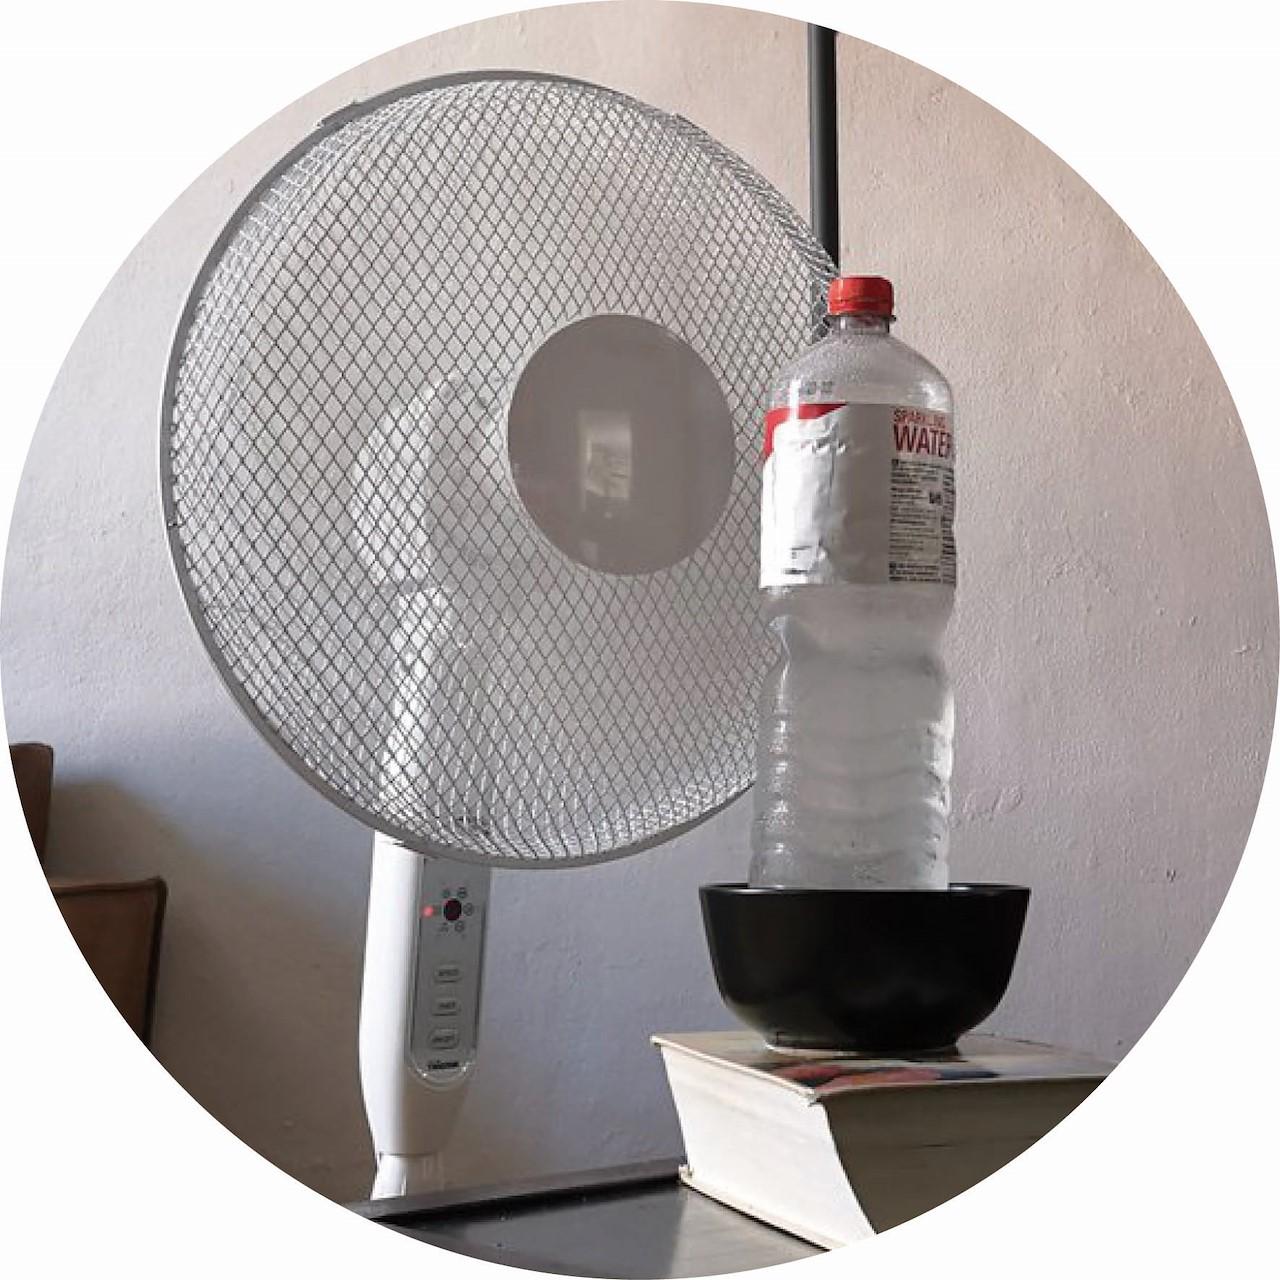 Verrassend Maak van je ventilator een airco en andere tips tegen de hitte HP-35